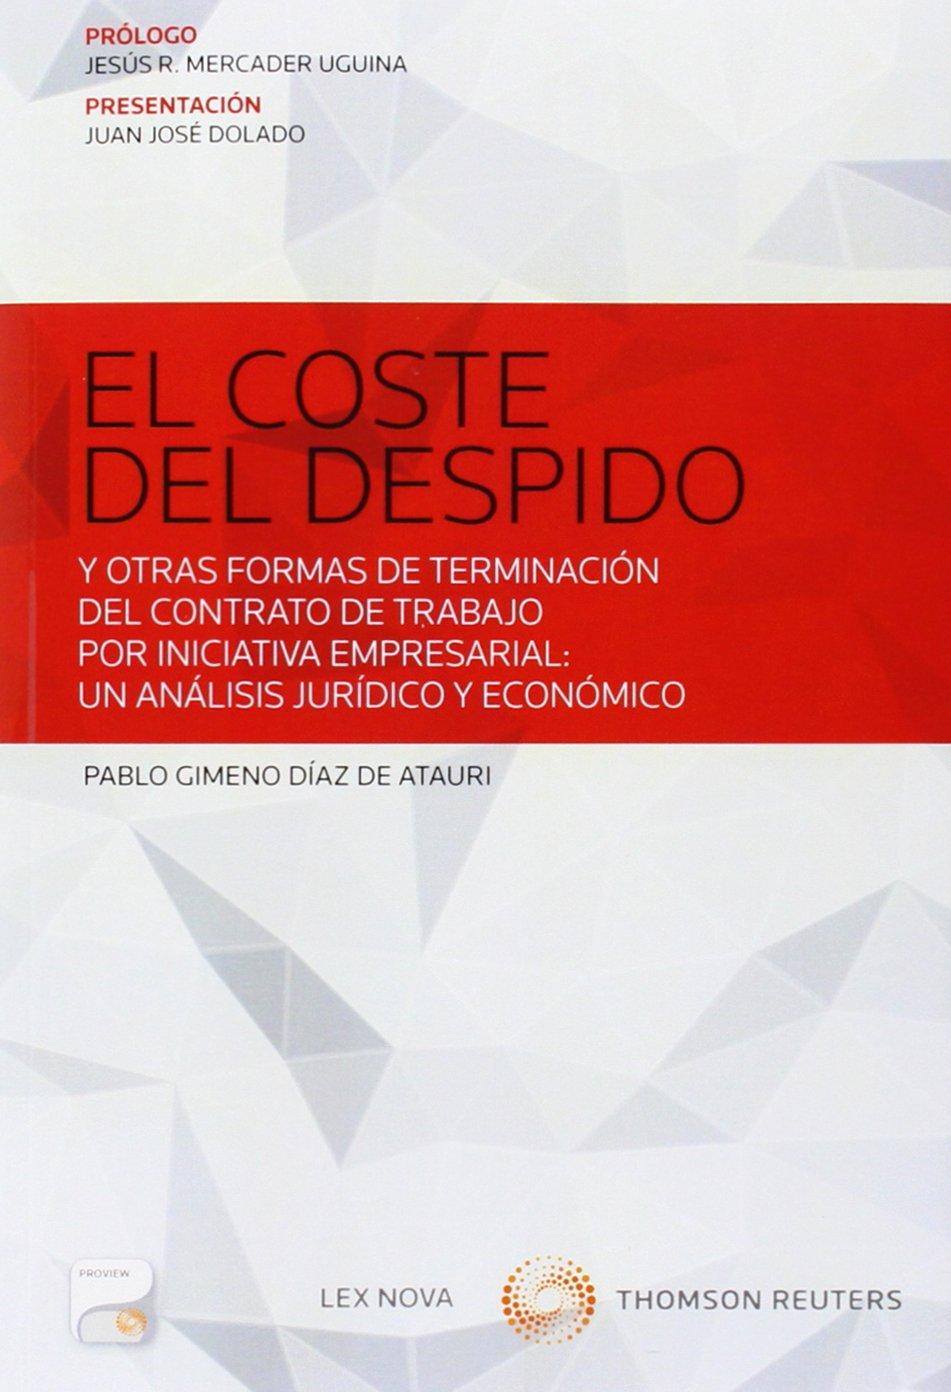 COSTE DEL DESPIDO Y OTRAS FORMAS DE TERMINACION DEL CONTRATO TRABAJO PDF